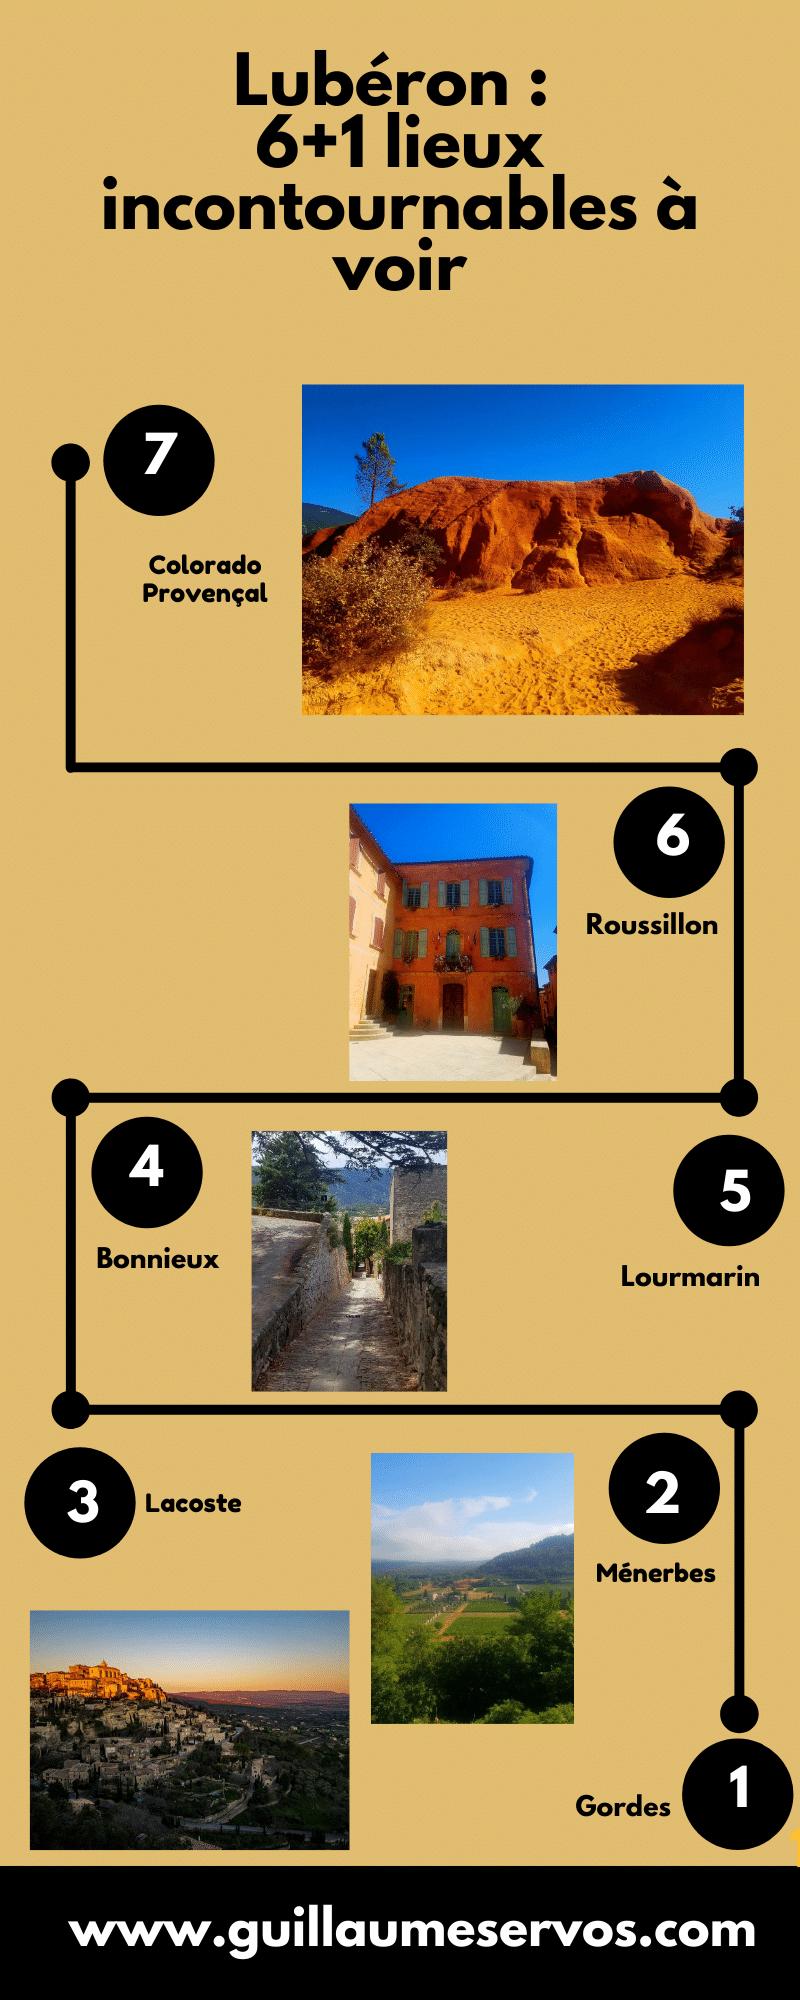 Tu pars dans le Vaucluse et tu souhaites voir les plus beaux coins du Luberon ? Au menu : Gordes, Roussillon, le Colorado provençal...